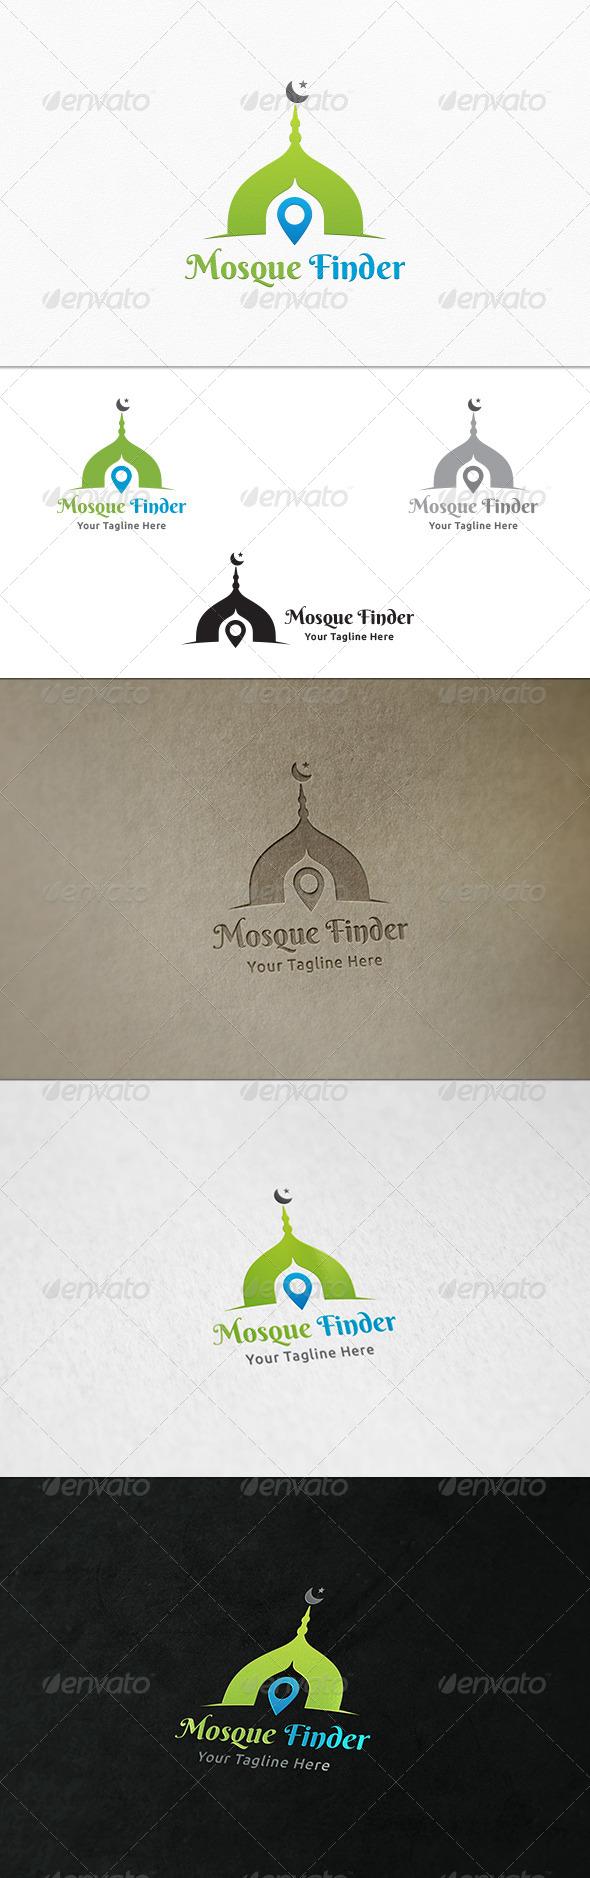 mosque-finder